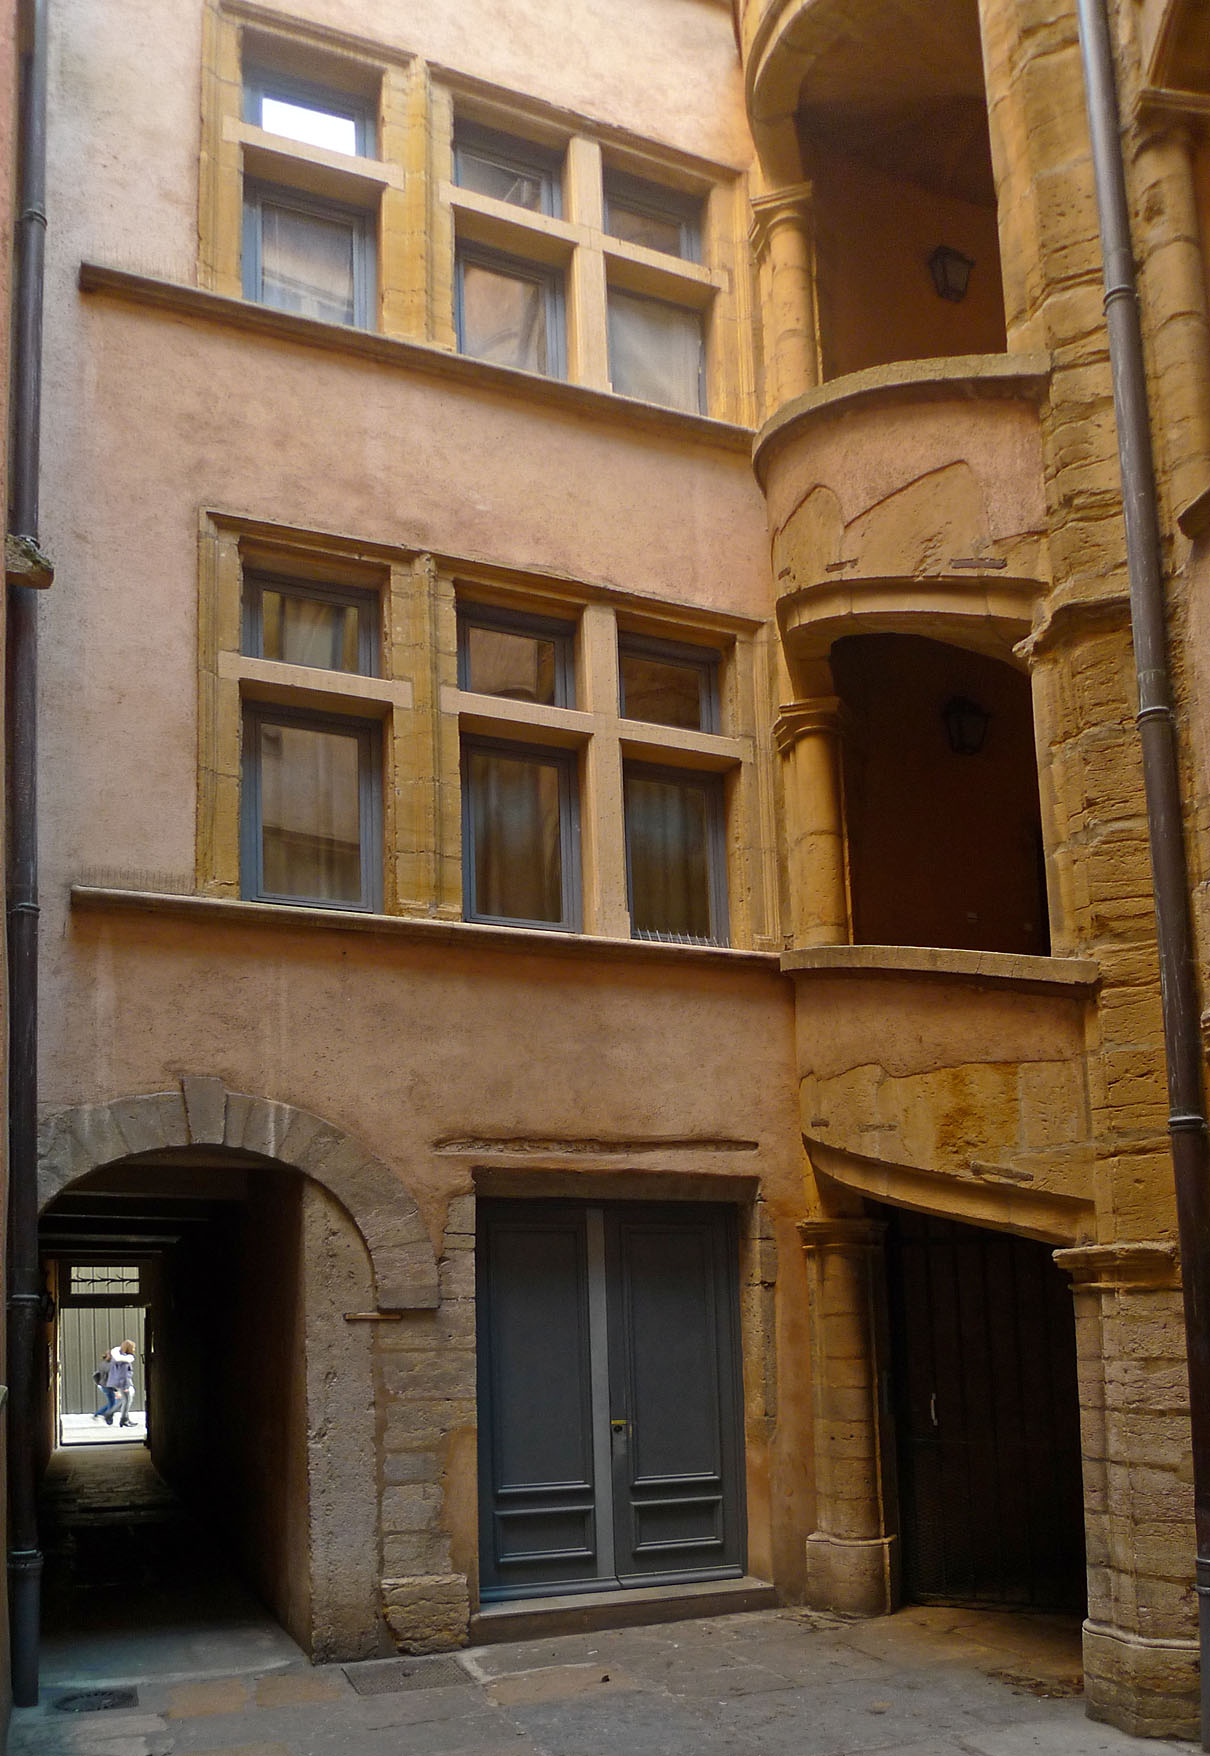 LyonStJeanCourtyard2